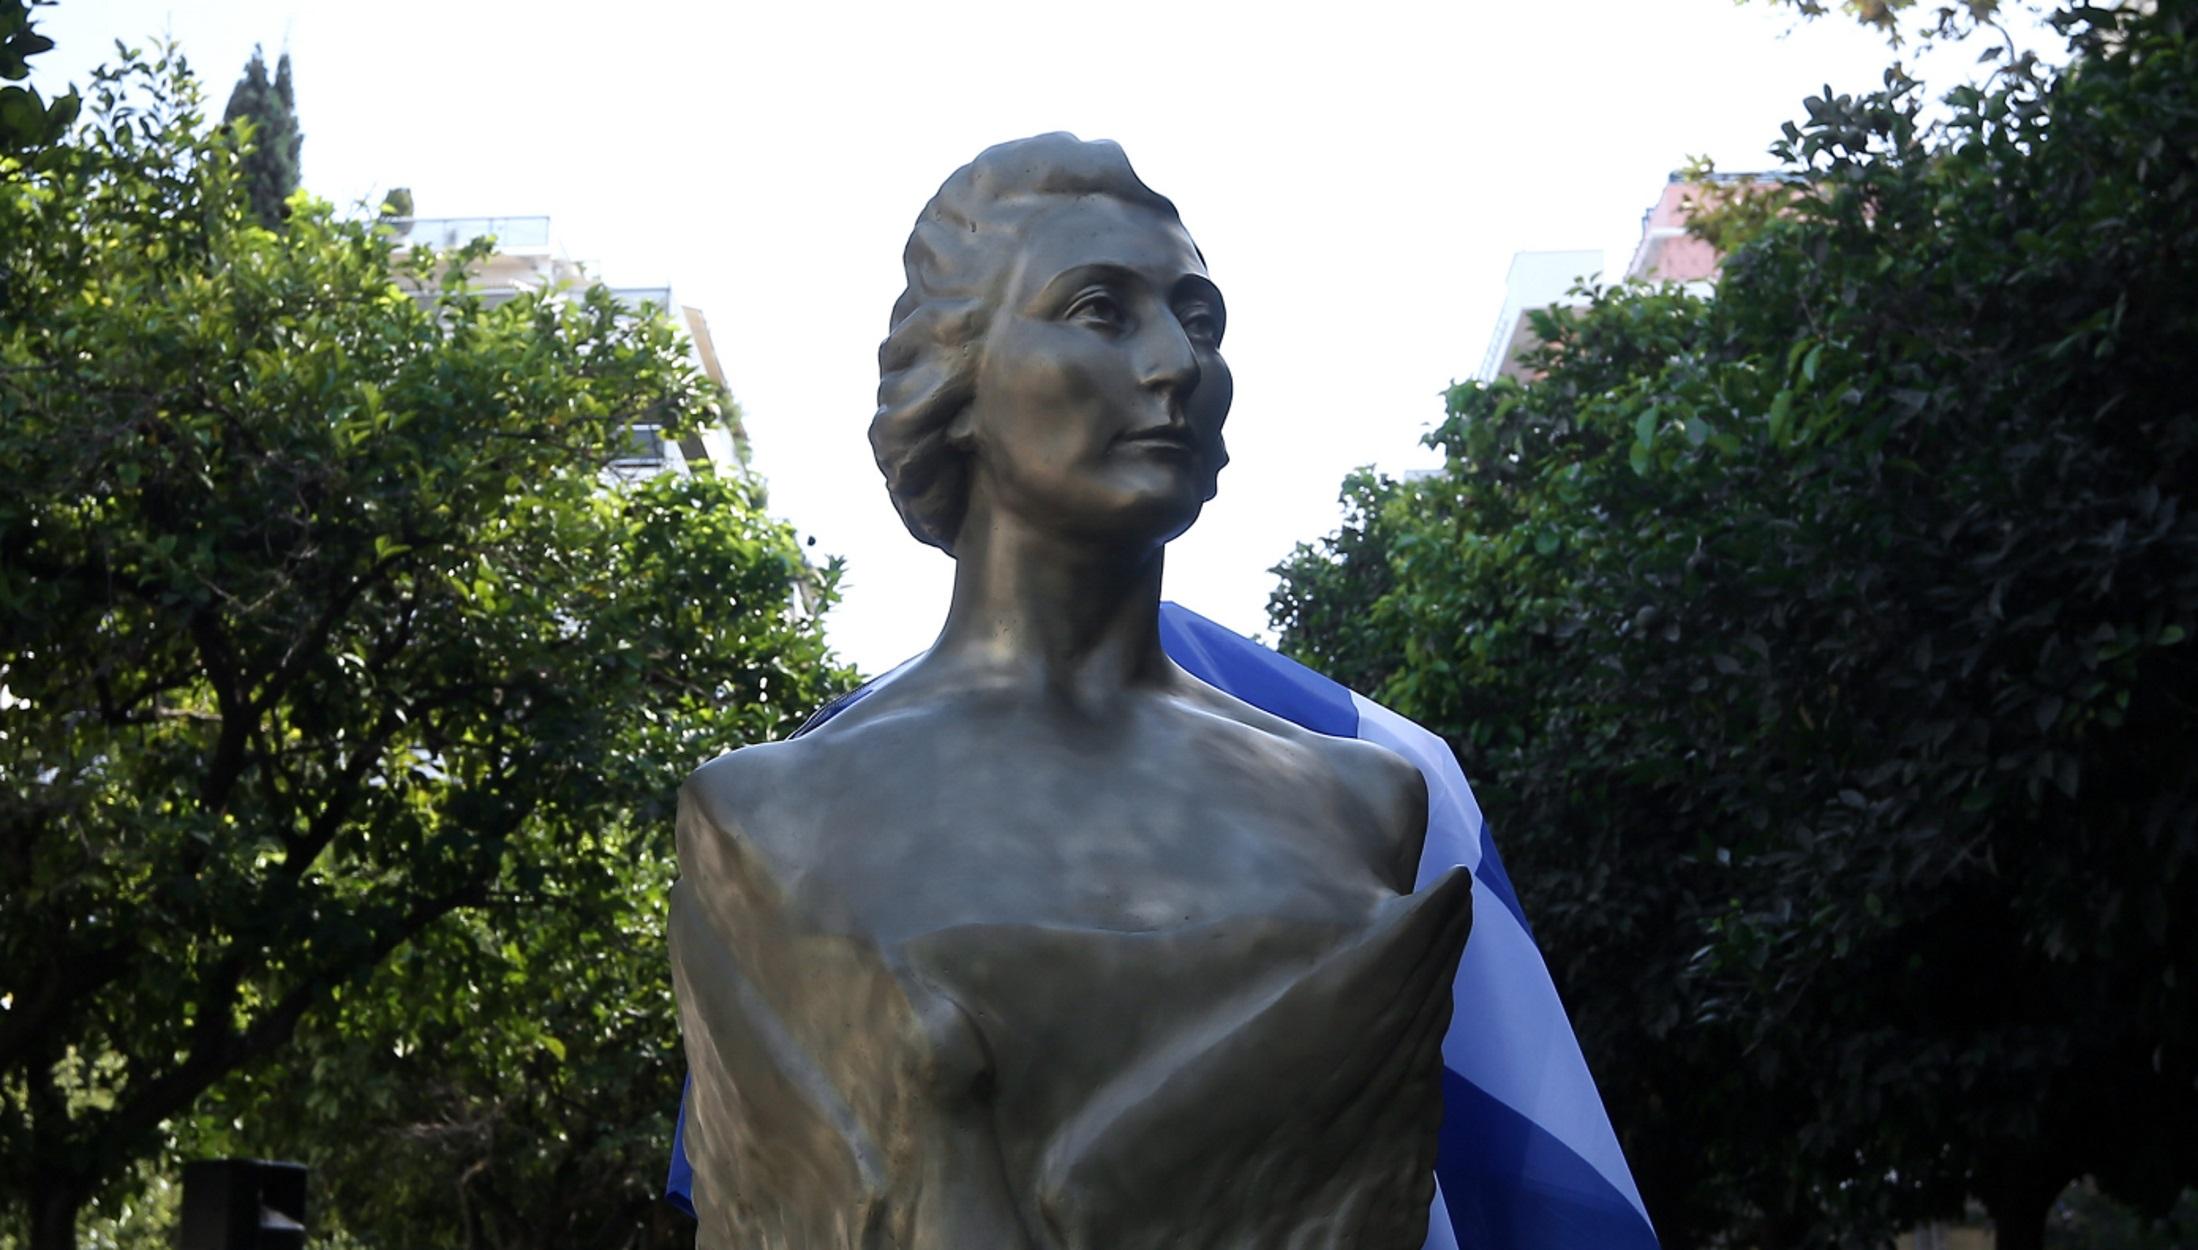 Λέλα Καραγιάννη: Ταξίαρχος επί τιμή για την προσφορά της στο ελληνικό έθνος μετά θάνατον